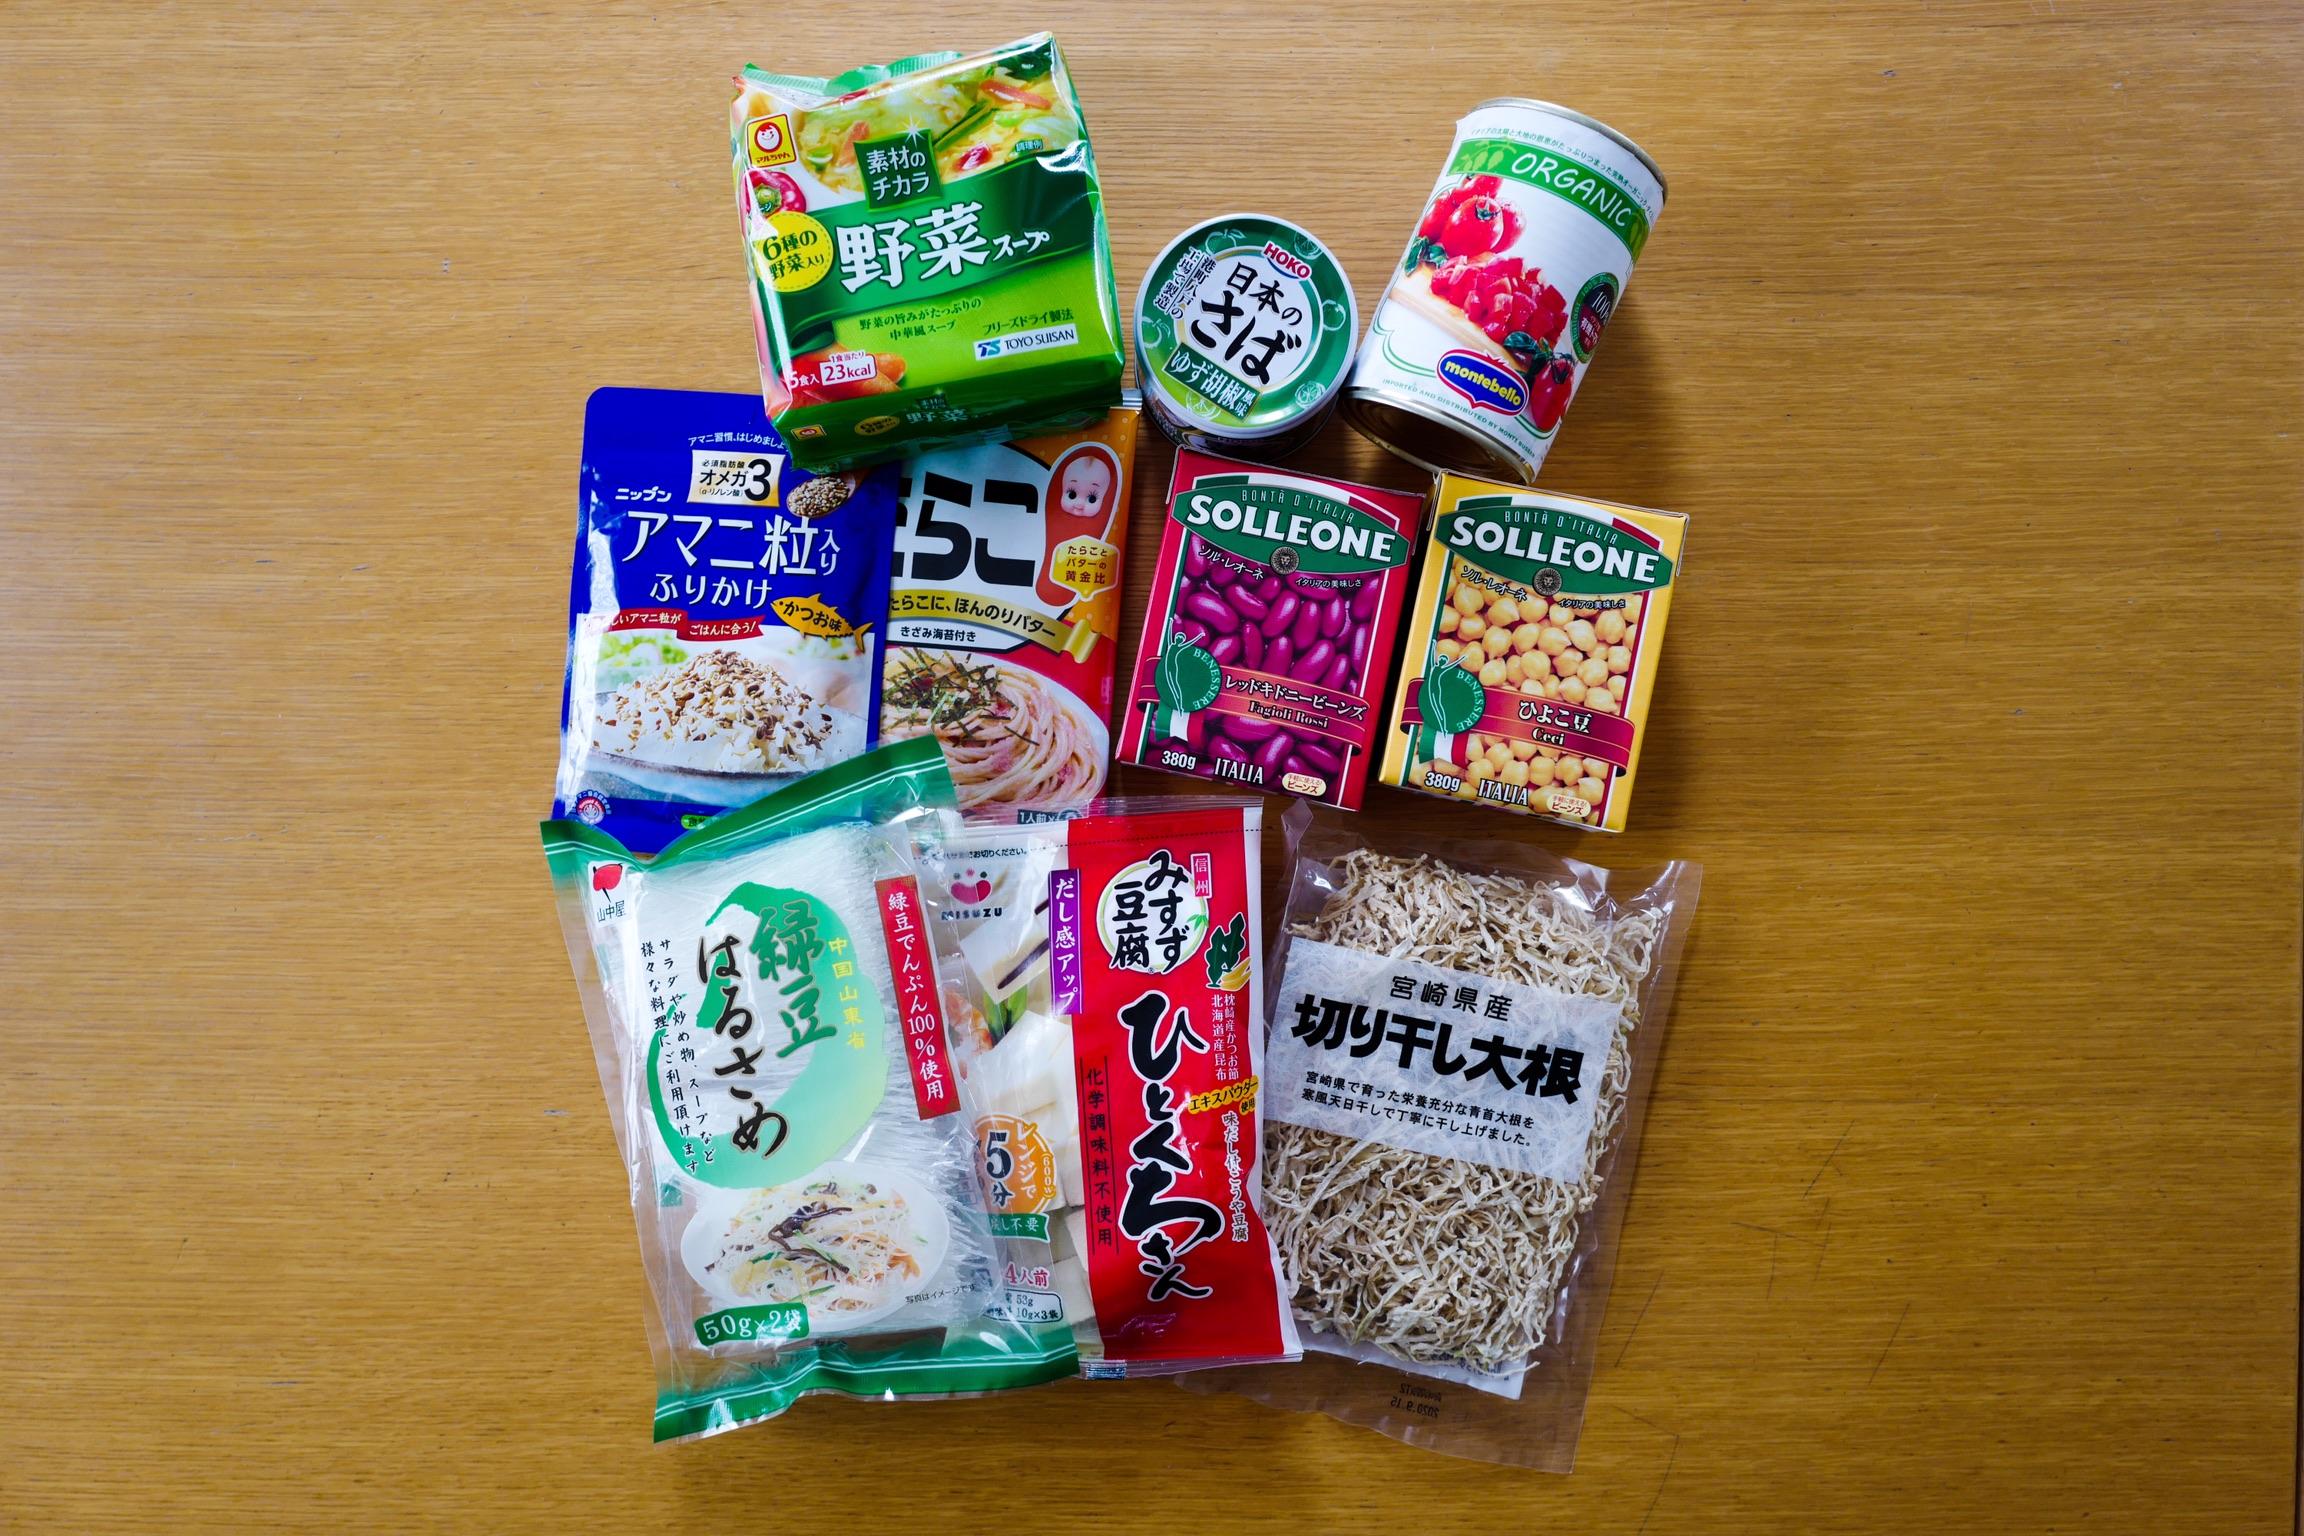 【買い物の回数は減らせる!】買い占めパニックから自分と家族を守る、便利食材リスト&メニュー例